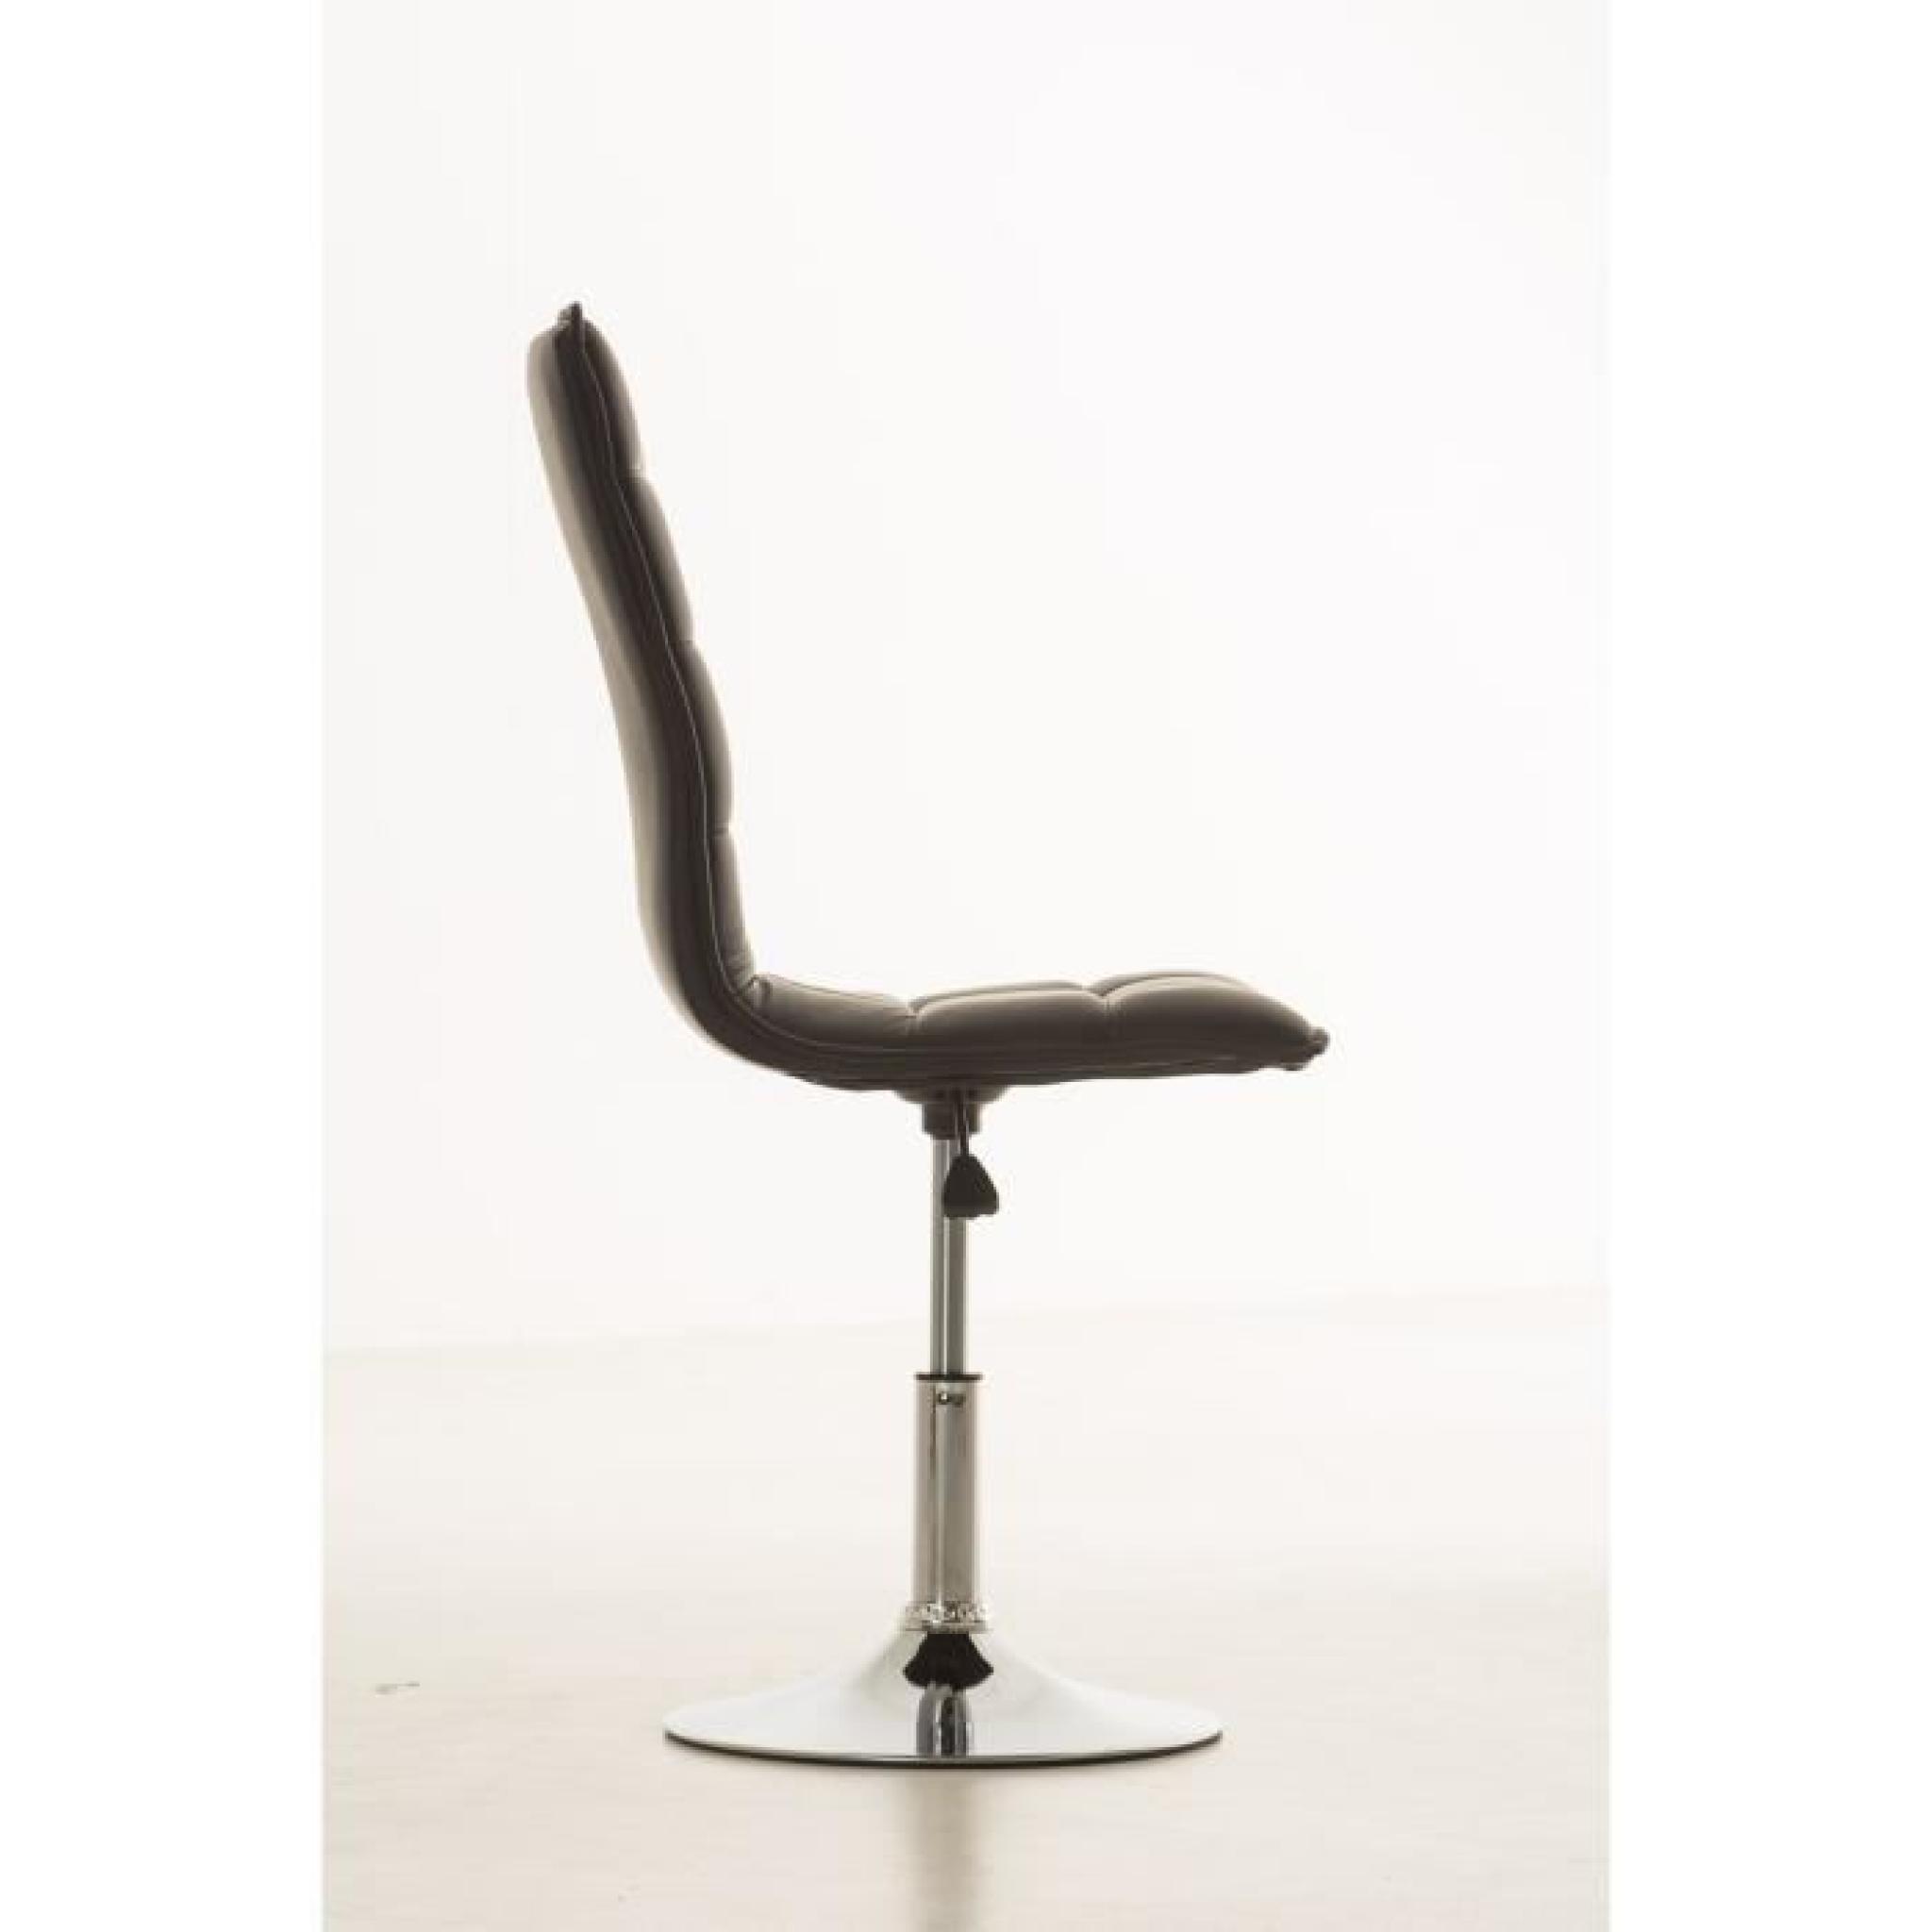 Clp chaise de salle à manger réglable en hauteur peking, avec ...